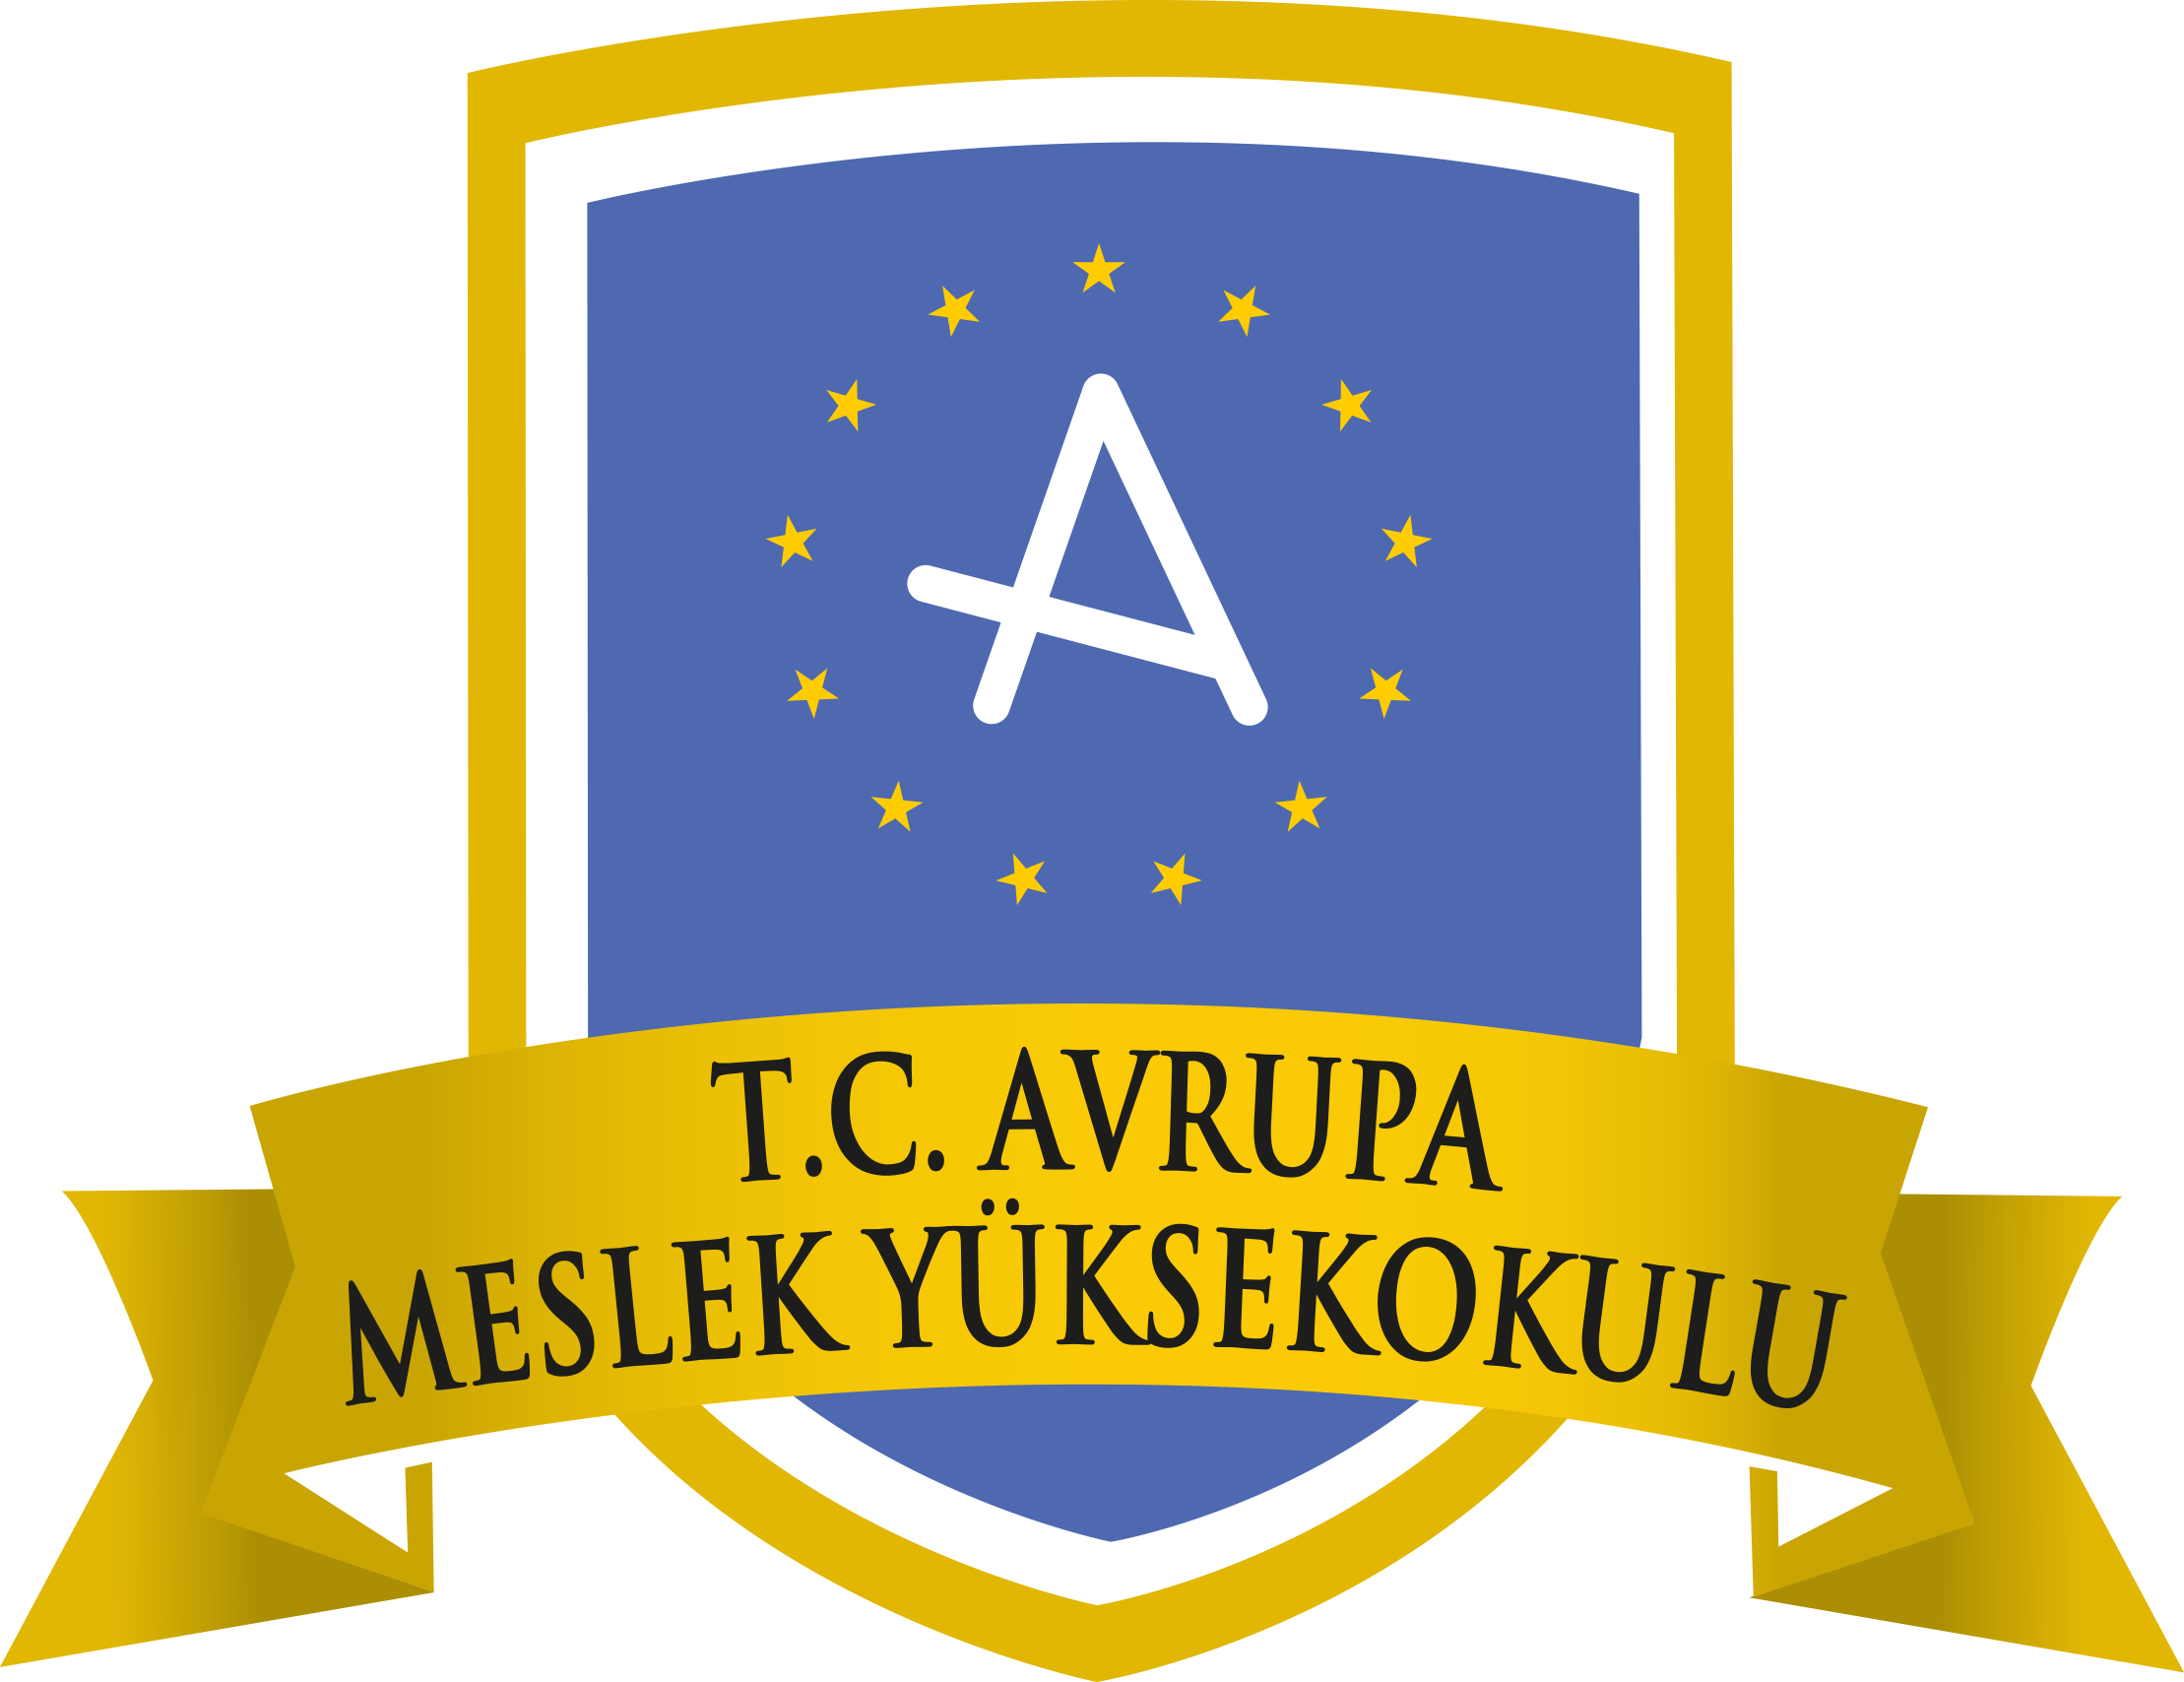 Avrupa Meslek Yüksekokulu Müdürlük